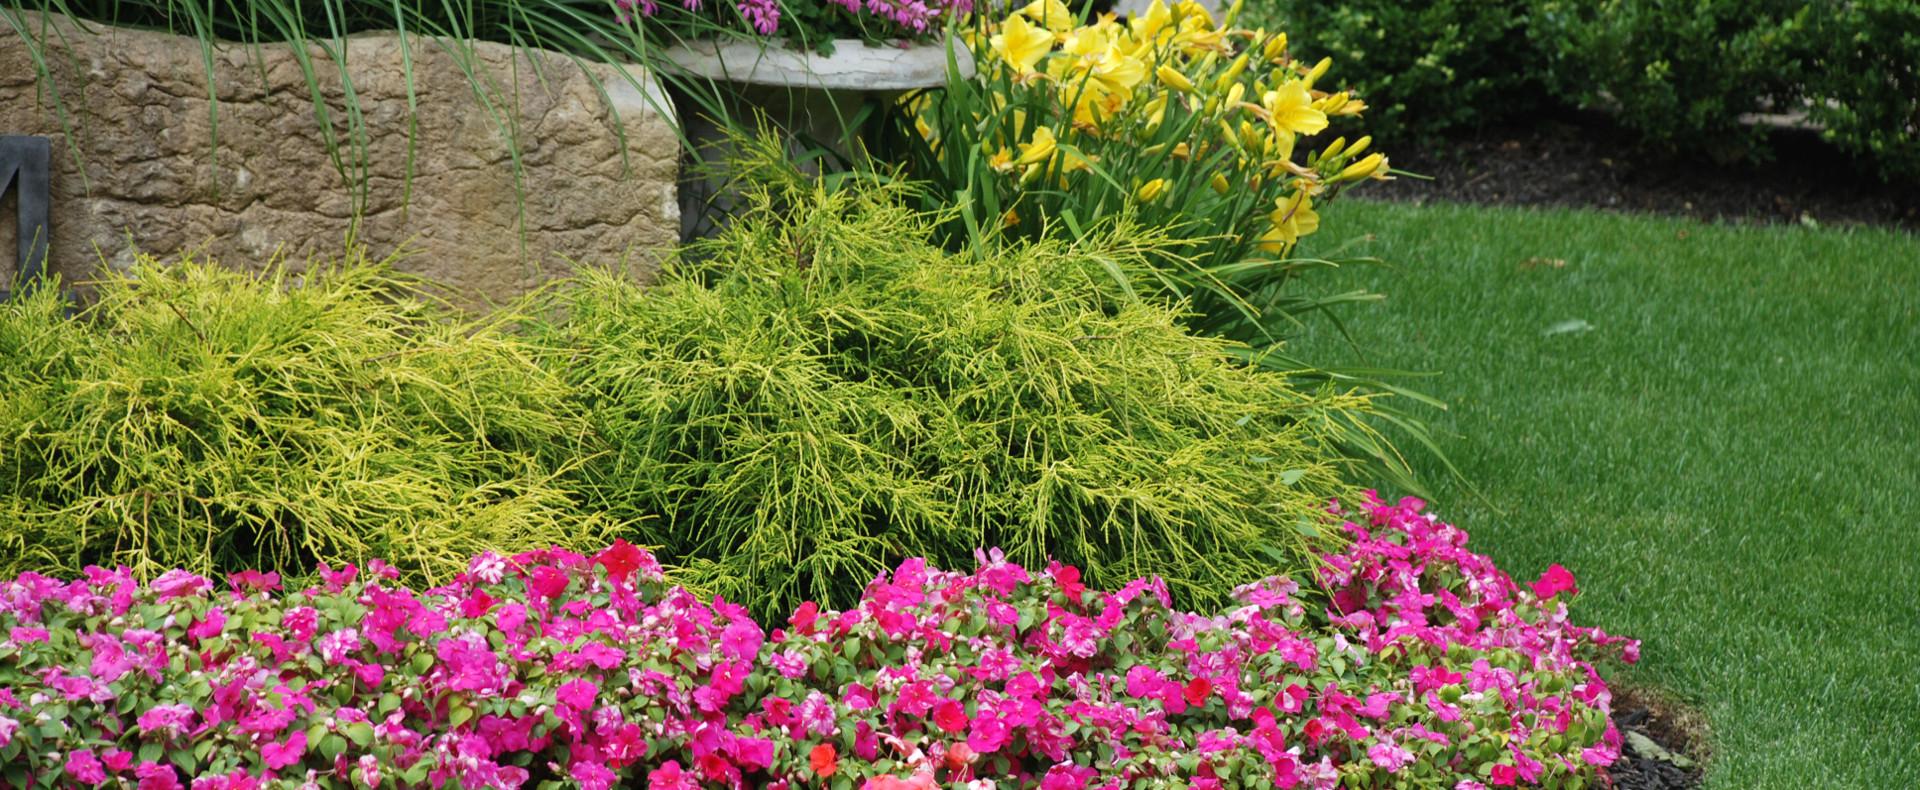 Strickler Blumen Gaerten (1)